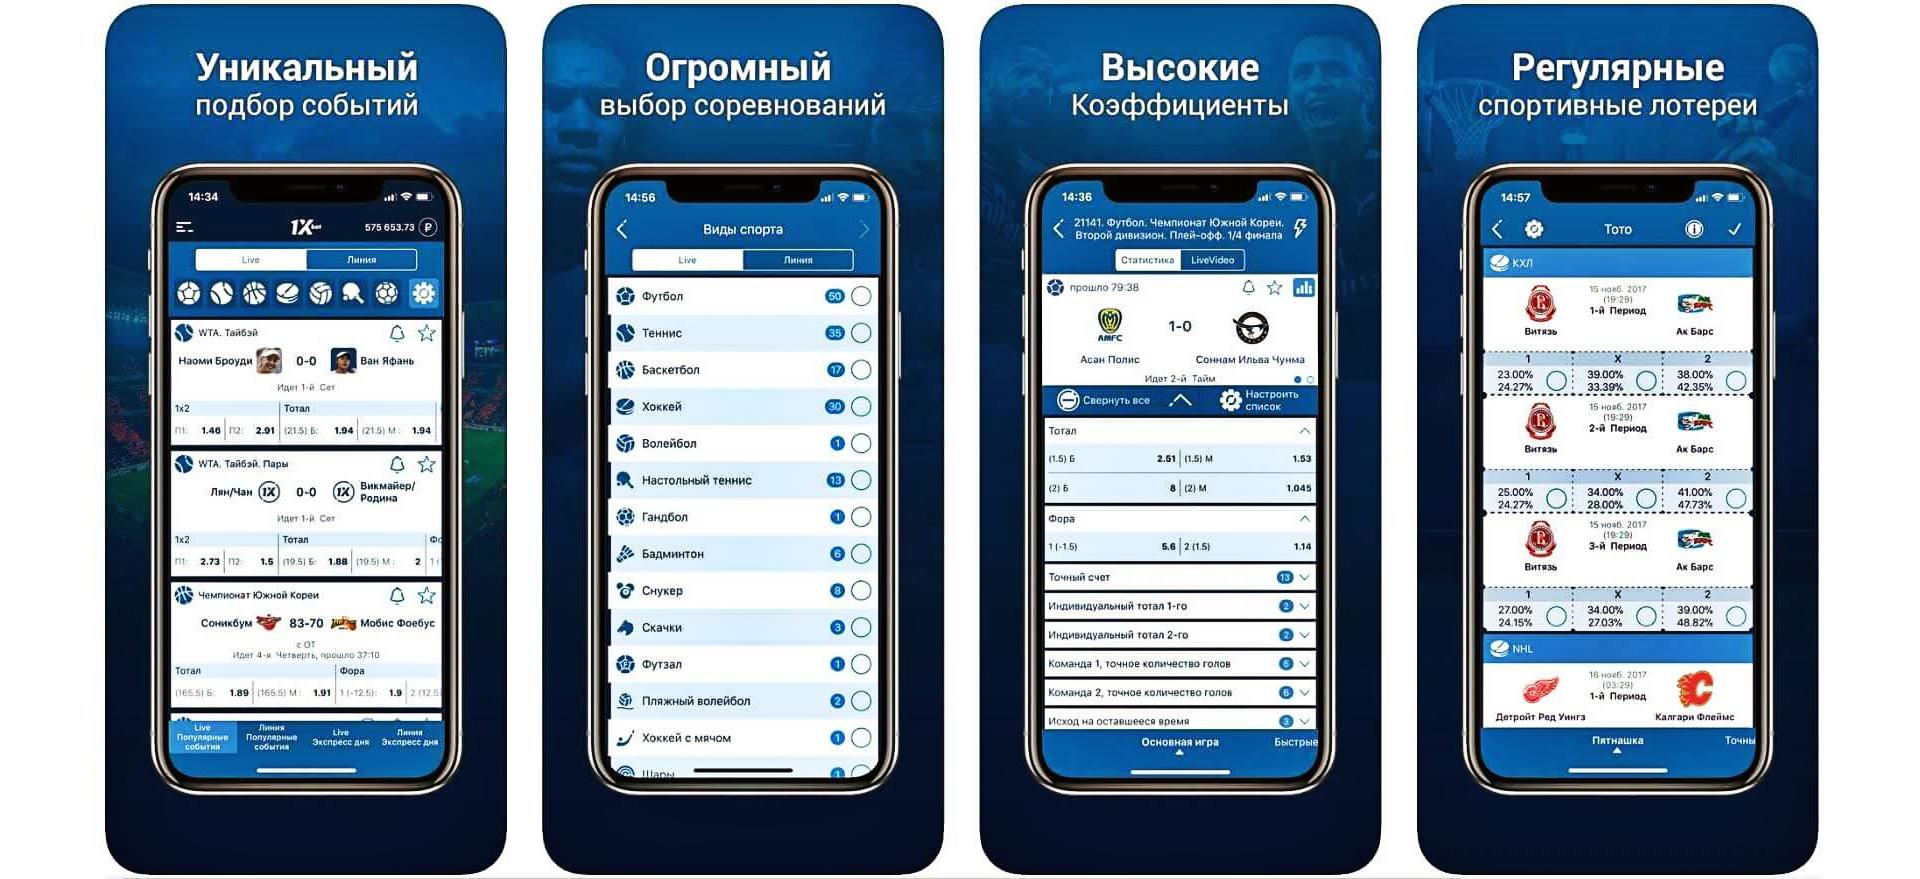 Скачать 1xbet на Андроид можно на сайте букмекера